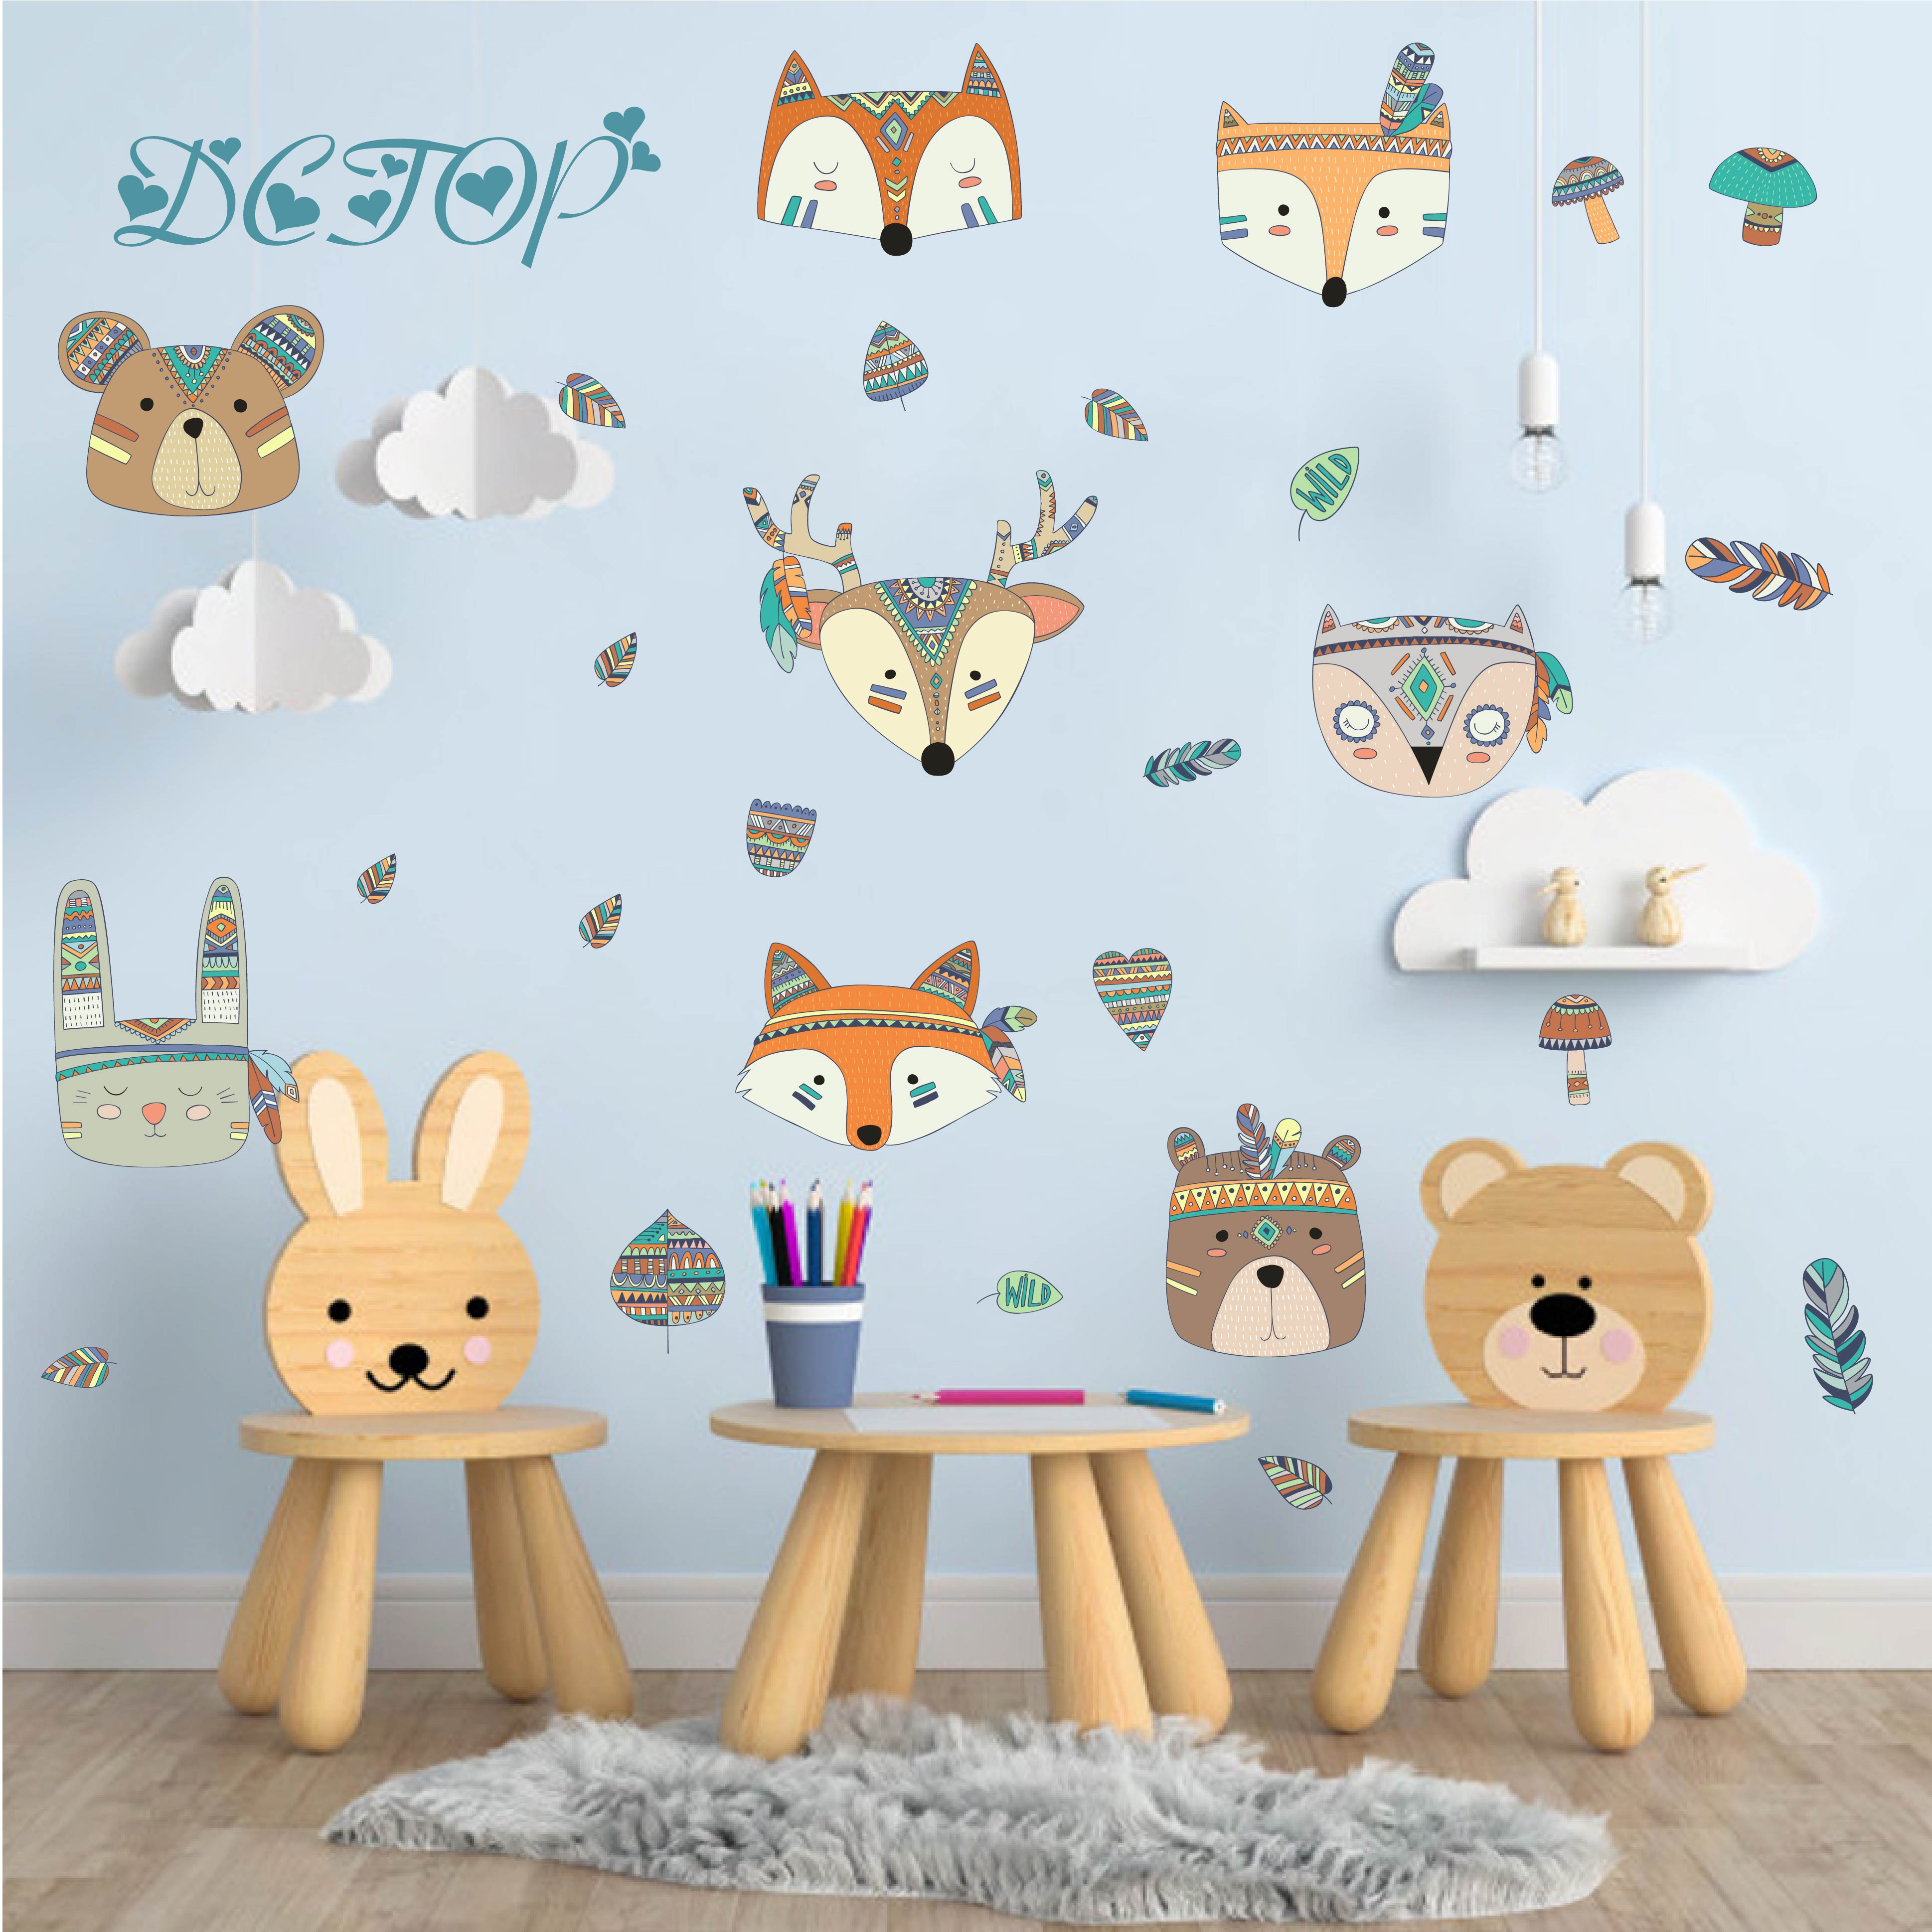 어린이 diy 컬러 우드랜드 부족 사슴 곰 토끼 폭스 벽 스티커 데칼 어린이 보육 룸 장식 비닐 홈 벽화